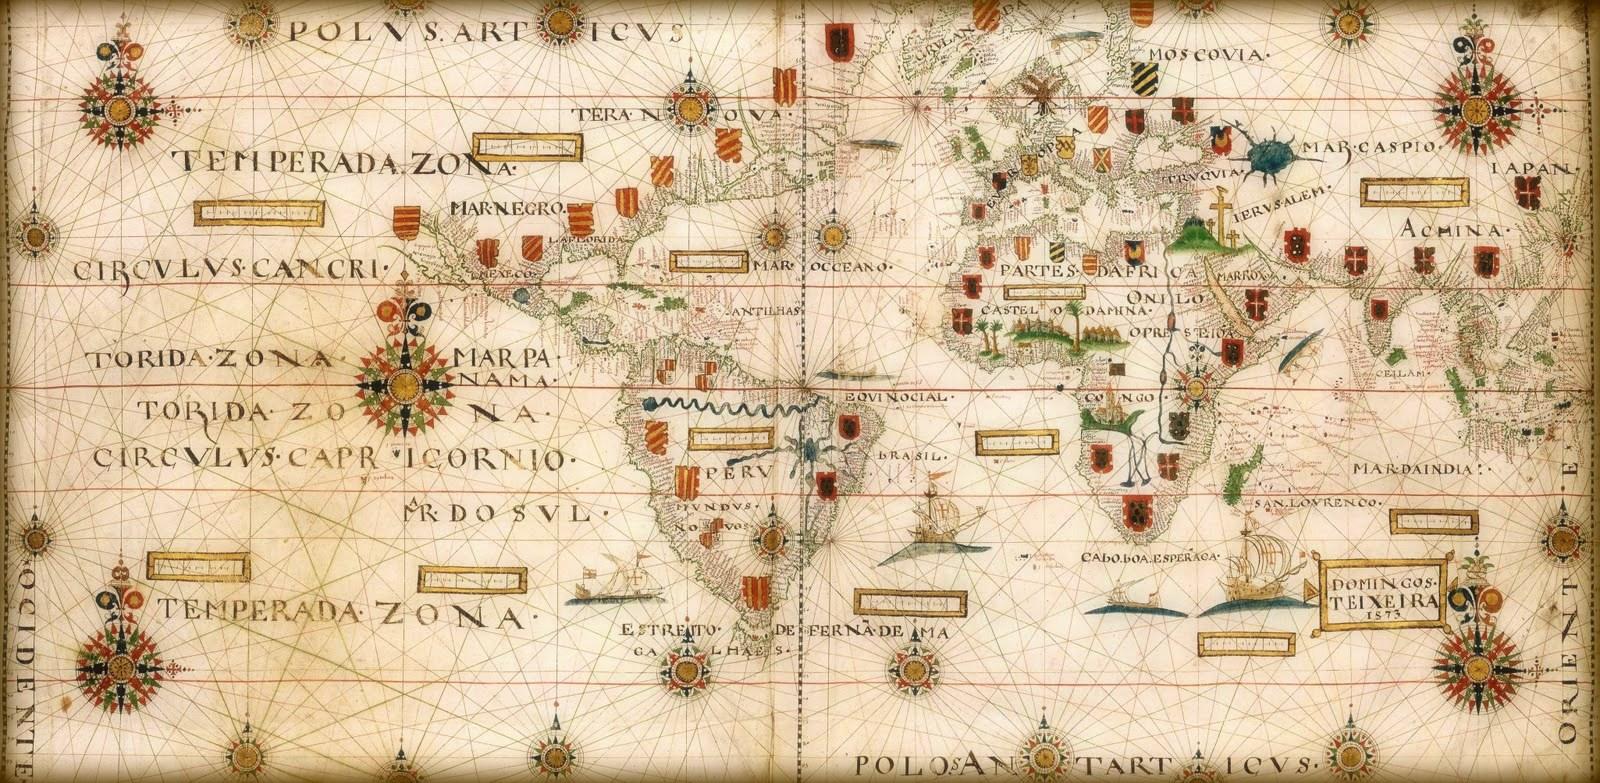 planisferio-de-teixeira-1573